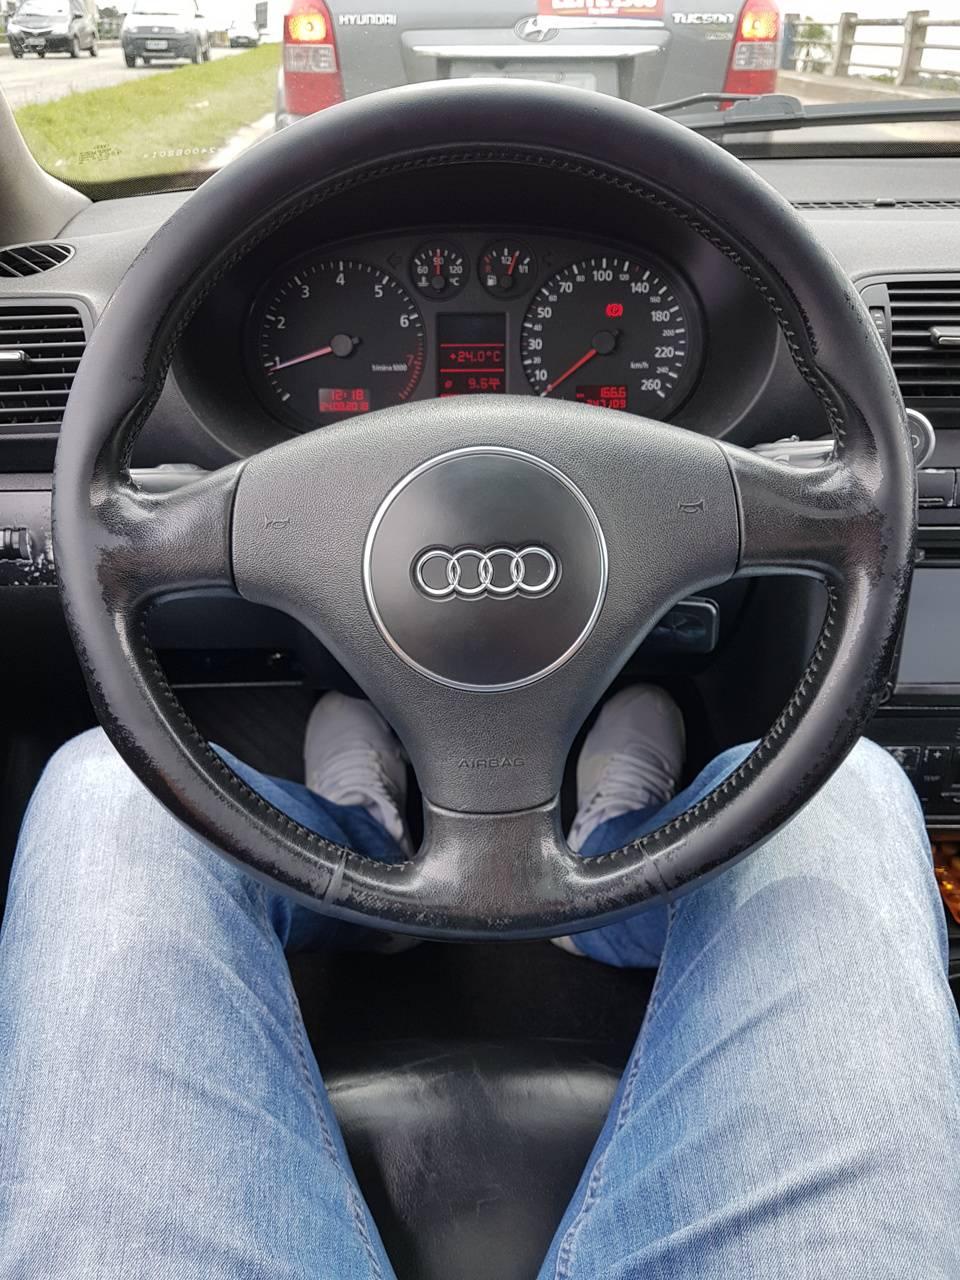 Audi A3 cockpit